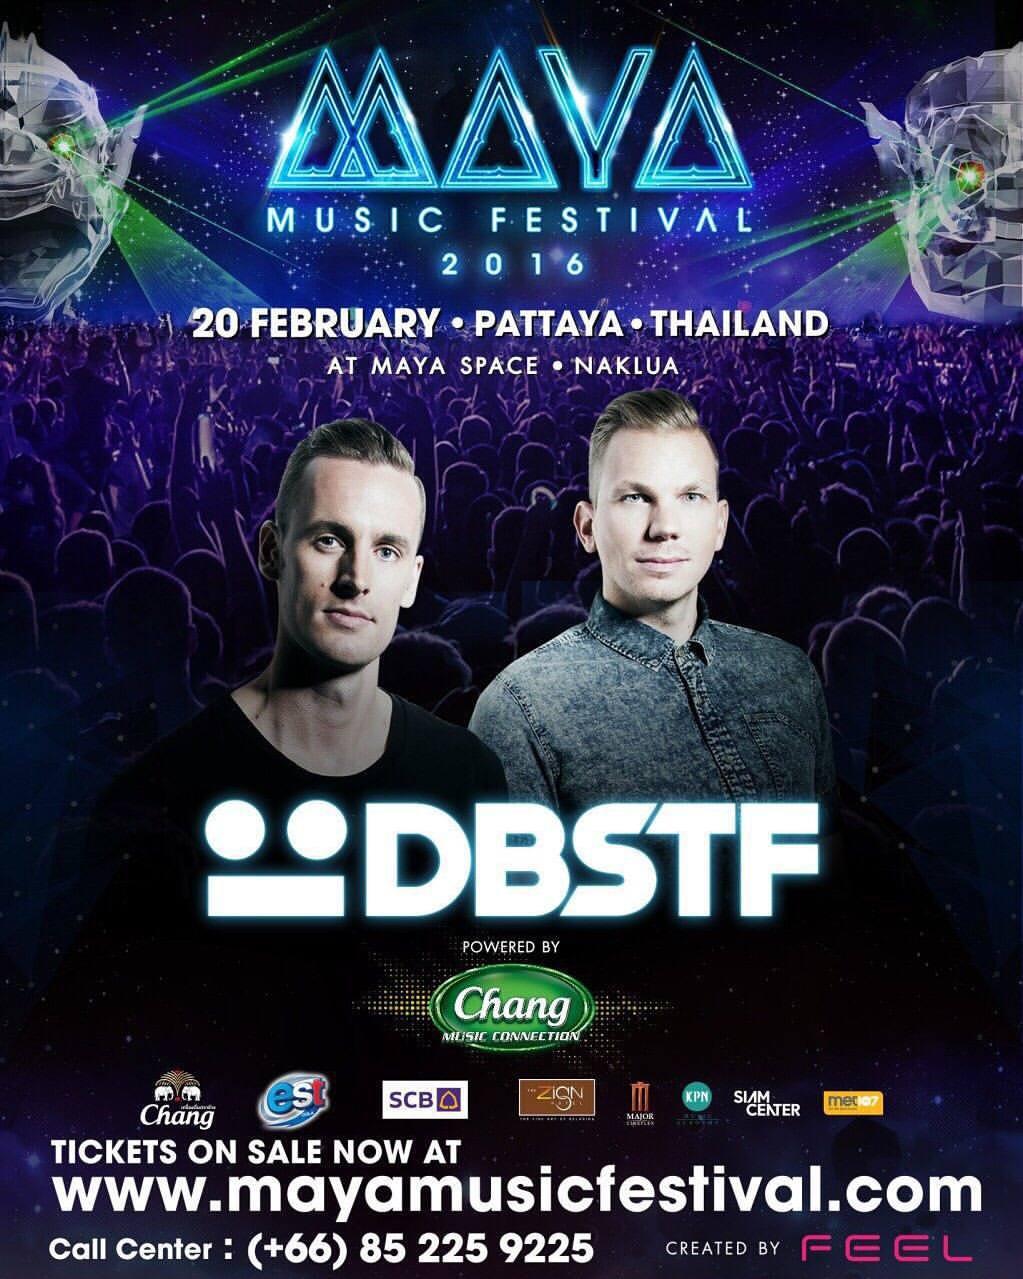 MAYA Music festival  DBSTF